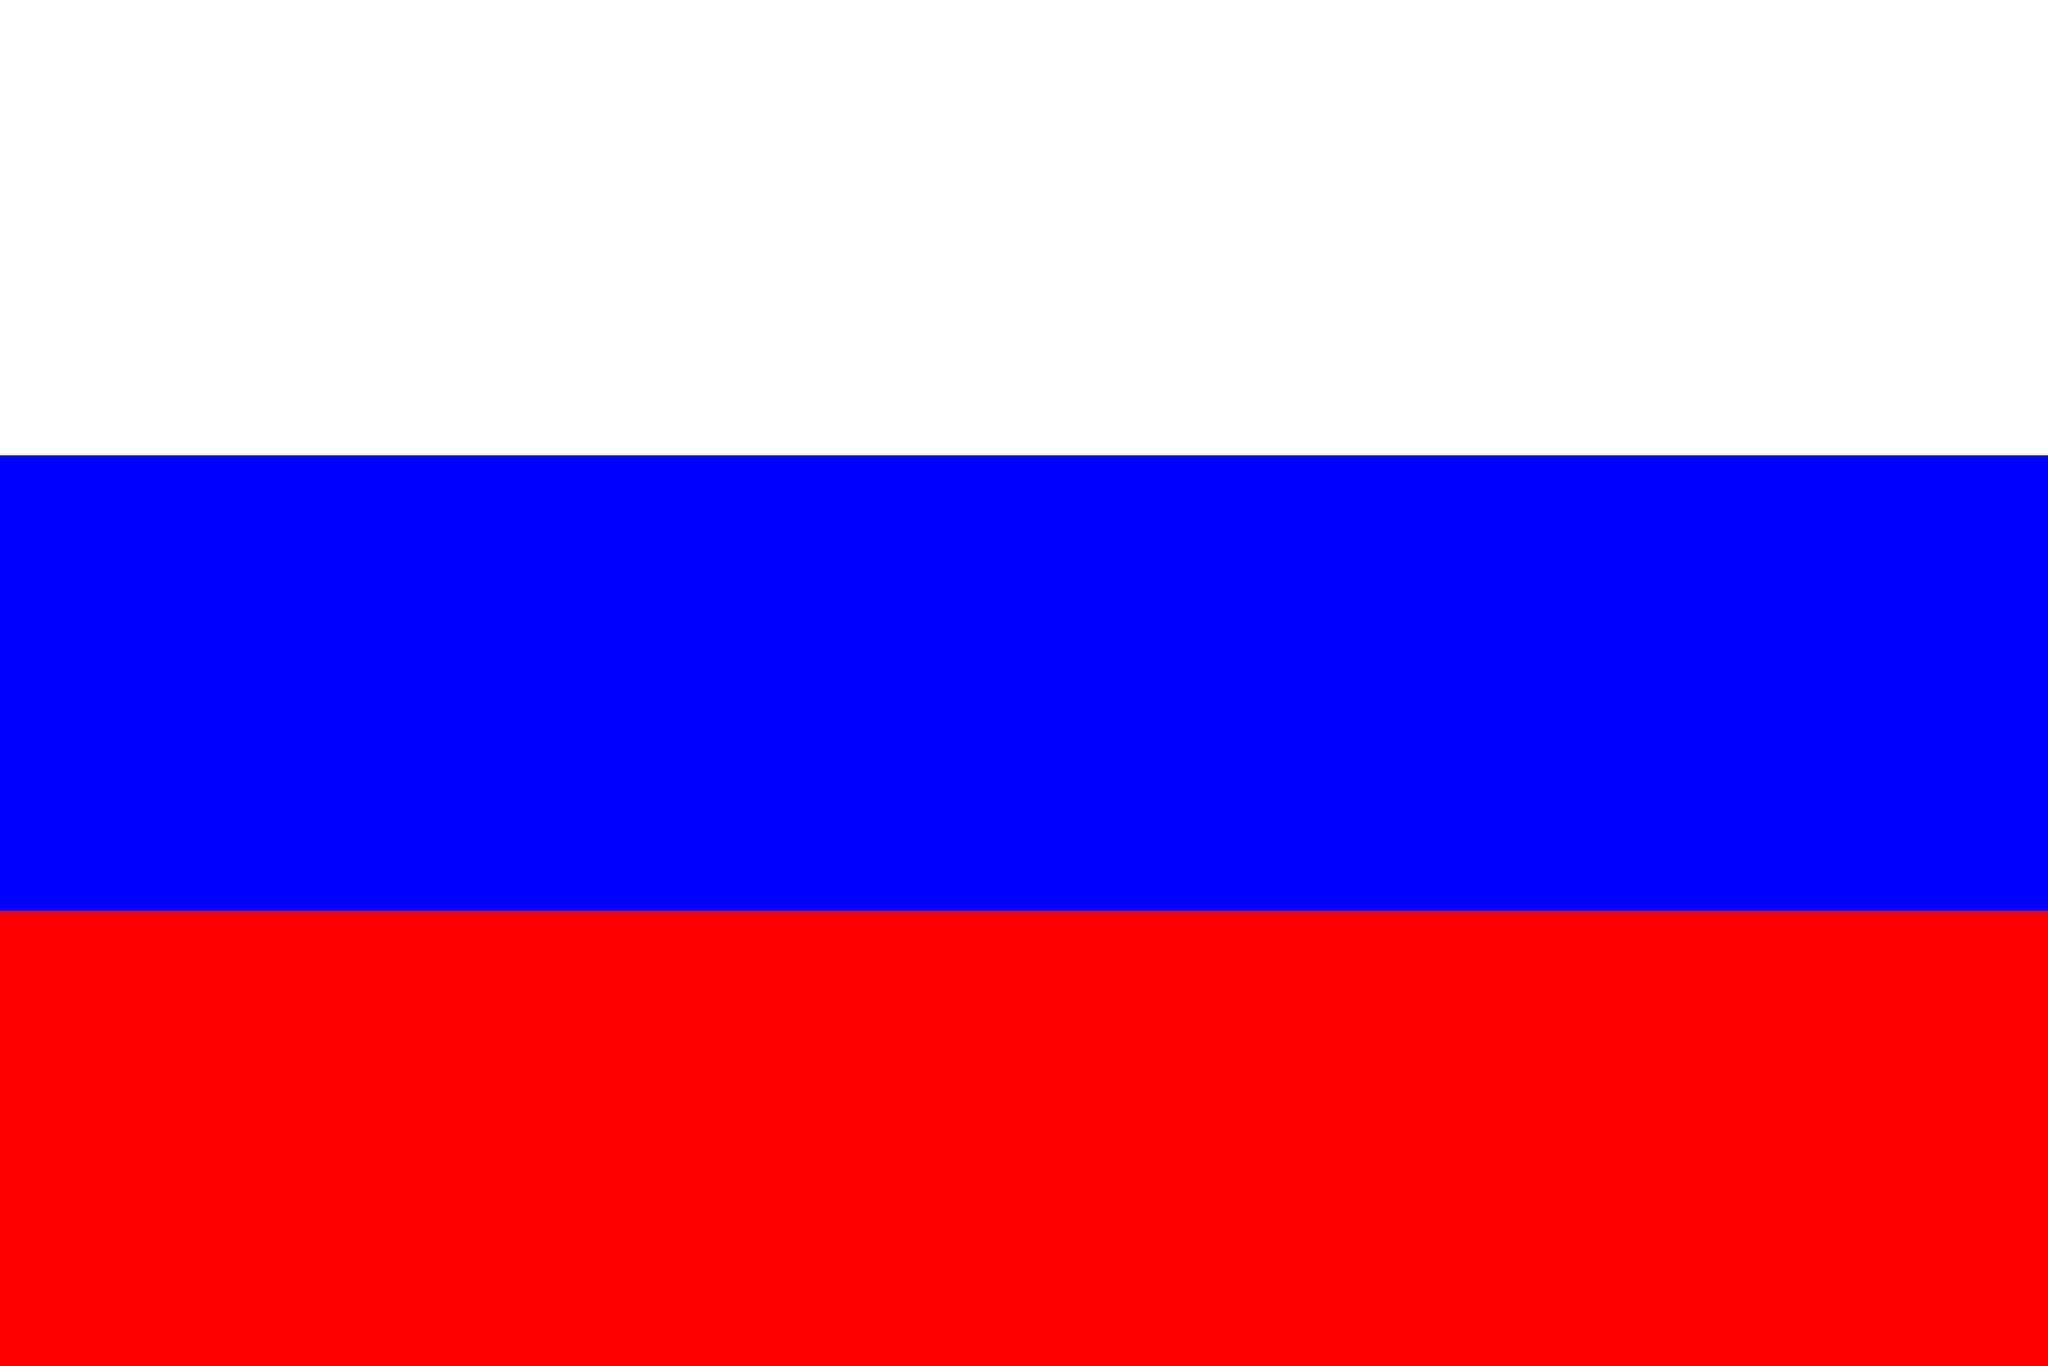 Lutilisation du drapeau dans la communication